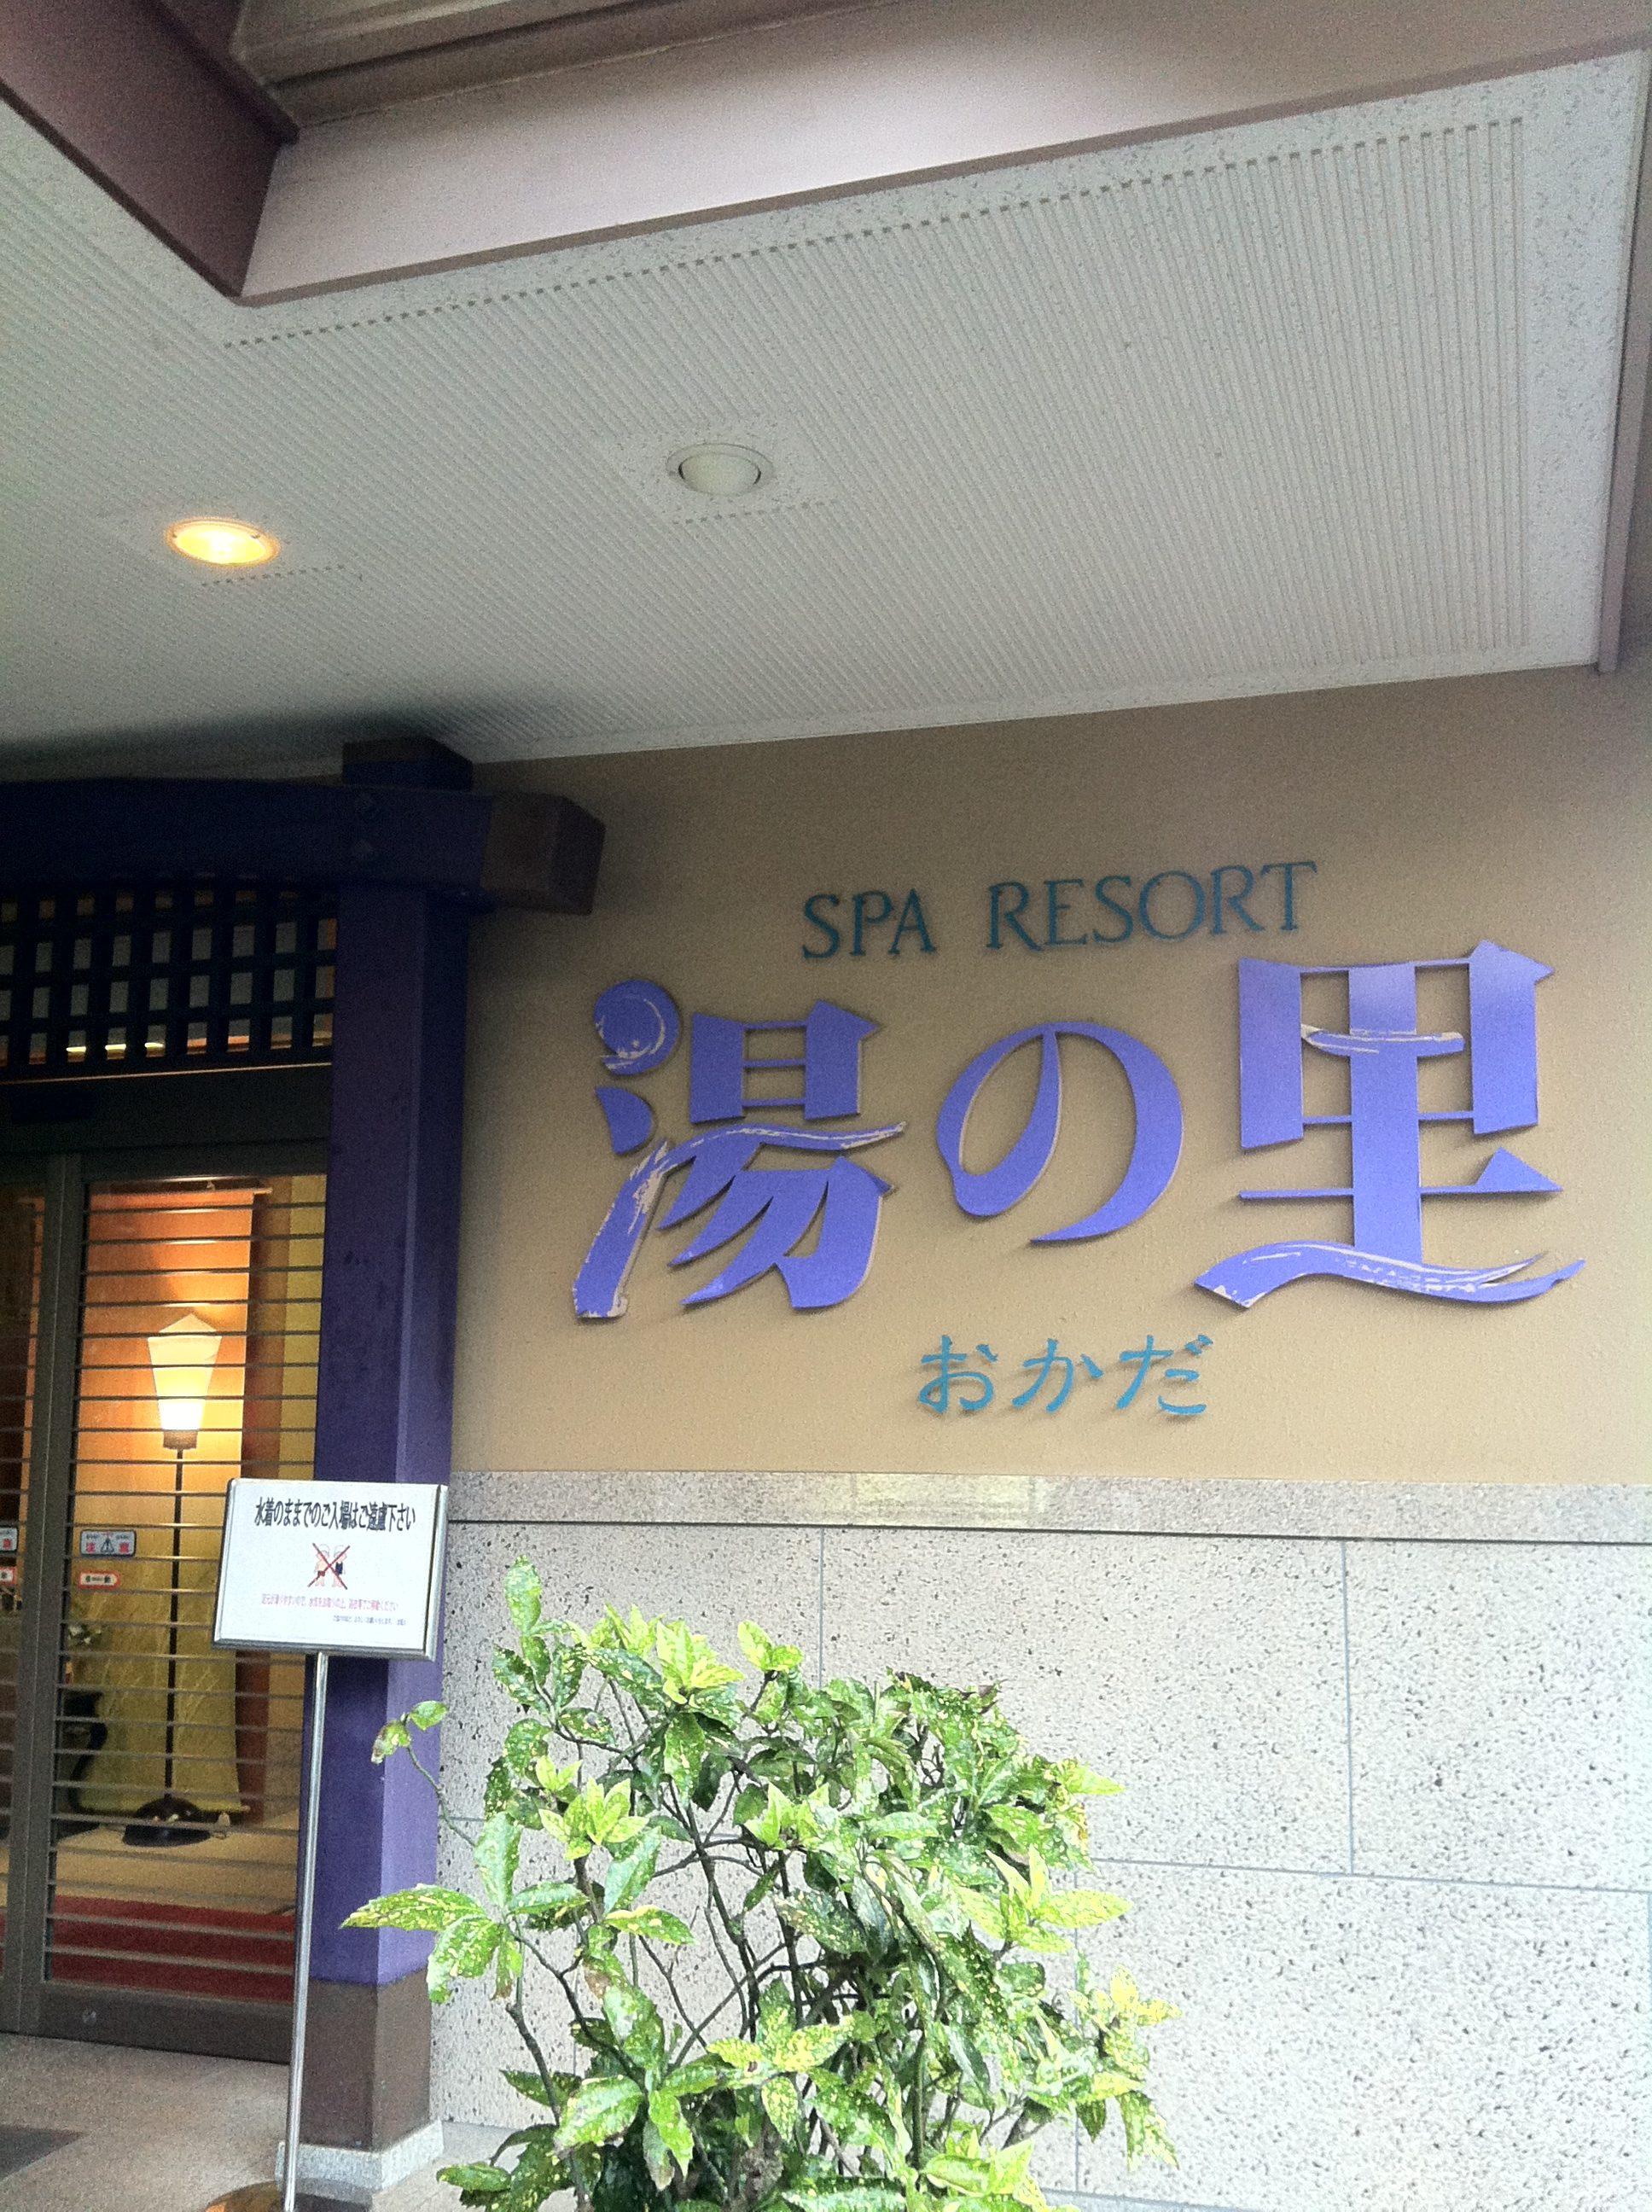 スパリゾート「湯の里 おかだ」の看板・外観画像